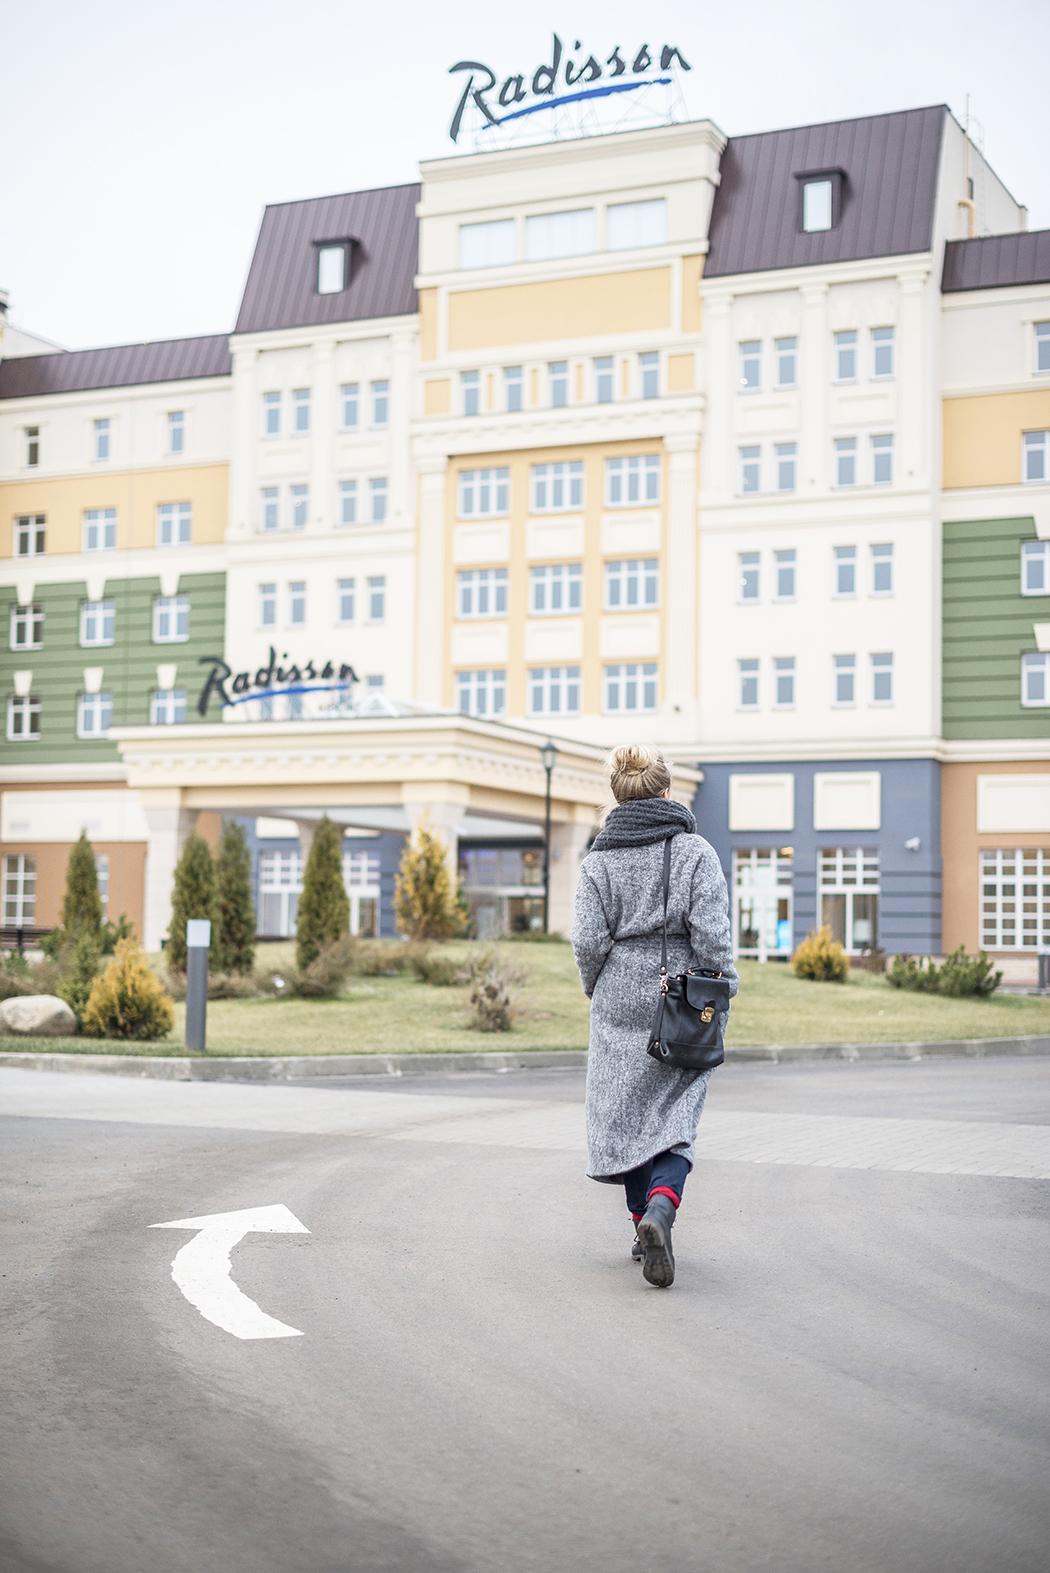 annamidday, travel blogger, русский блогер, известный блогер, топовый блогер, russian bloger, top russian blogger, russian travel blogger, российский блогер, ТОП блогер, популярный блогер, трэвэл блогер, путешественник, достопримечательности тверской области, завидово, заповедник завидово, Radisson Resort Zavidovo, Zavidovo, Radisson Zavidovo, куда поехать, красивые фото, новый год 2015, куда поехать на новый год 2015, встретить новый год, SPA в Завидово